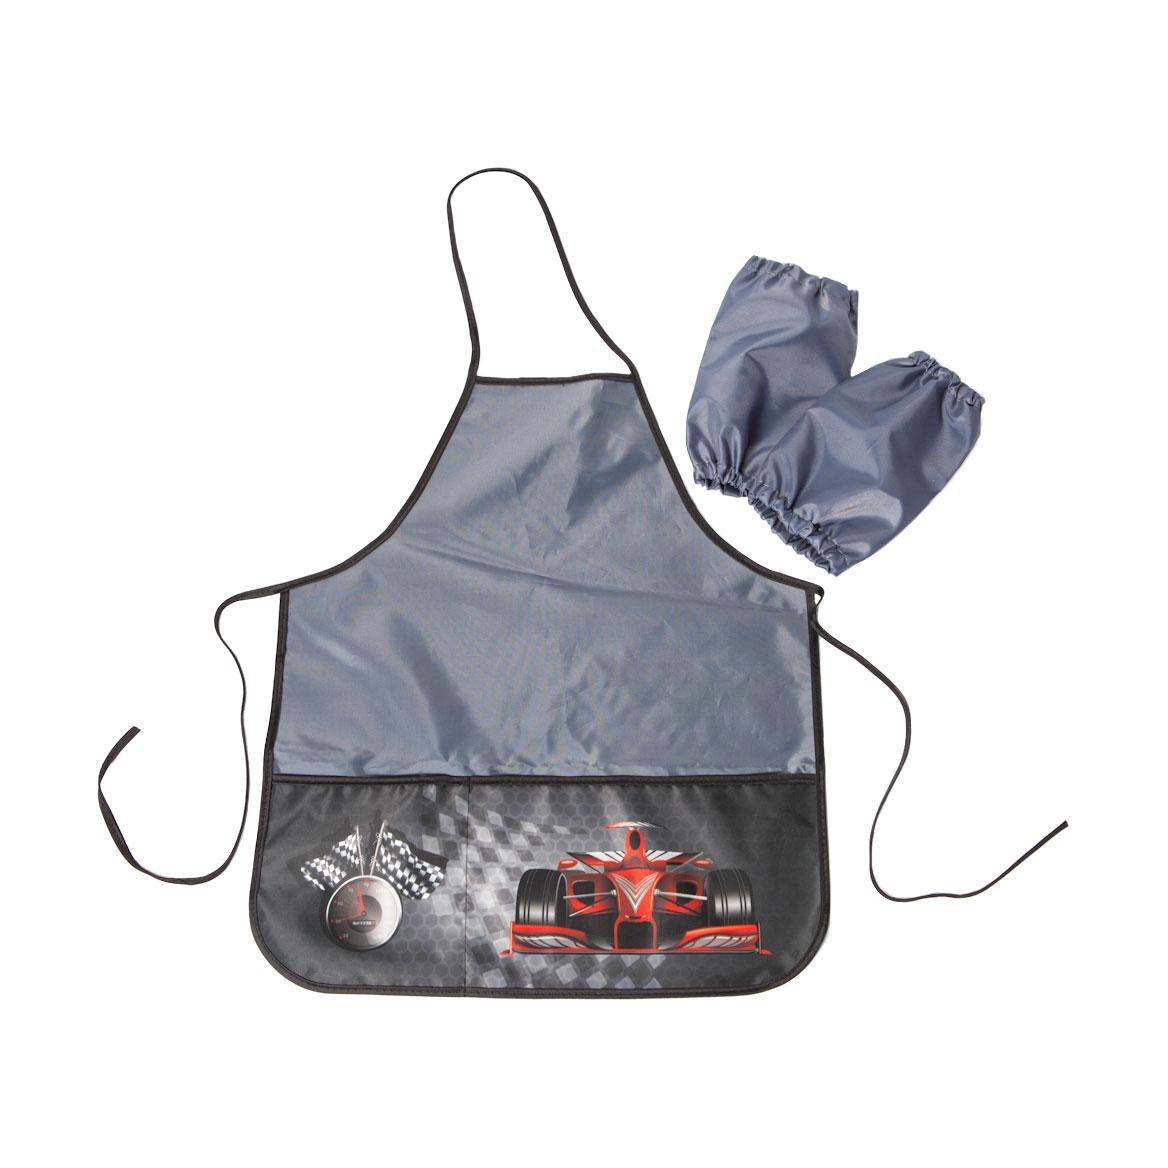 Фартук Silwerhof для уроков труда Автогонки для мальчиков 6-12 лет с нарукавниками 2 кармана<br>